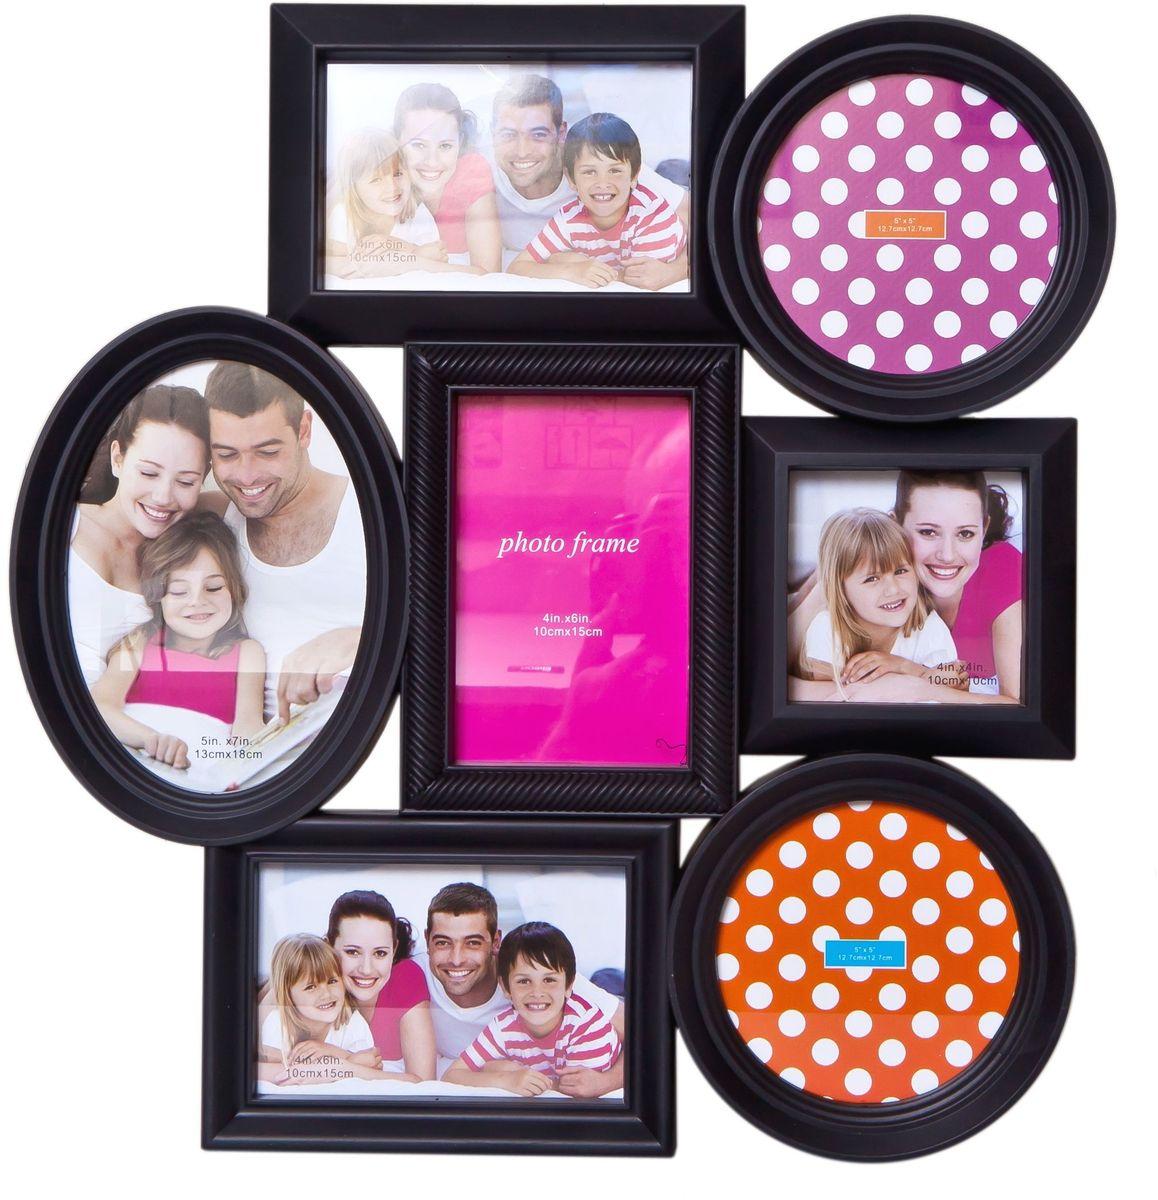 Фоторамка Platinum, цвет: черный, на 7 фото. BH-1307Platinum JW77-2 РИМИНИ-БРОНЗОВЫЙ 15x21Фоторамка Platinum - прекрасный способ красиво оформить ваши фотографии. Фоторамка выполнена из пластика и защищена стеклом. Фоторамка-коллаж представляет собой семь фоторамок для фото разного размера оригинально соединенных между собой. Такая фоторамка поможет сохранить в памяти самые яркие моменты вашей жизни, а стильный дизайн сделает ее прекрасным дополнением интерьера комнаты.Фоторамка подходит для фото следующих размеров: 13 х 18 см, 3 фото 10 х 15 см, 2 фото 12,7 х 12,7 см и 10 х 10 см.Общий размер фоторамки: 41 х 43 см.